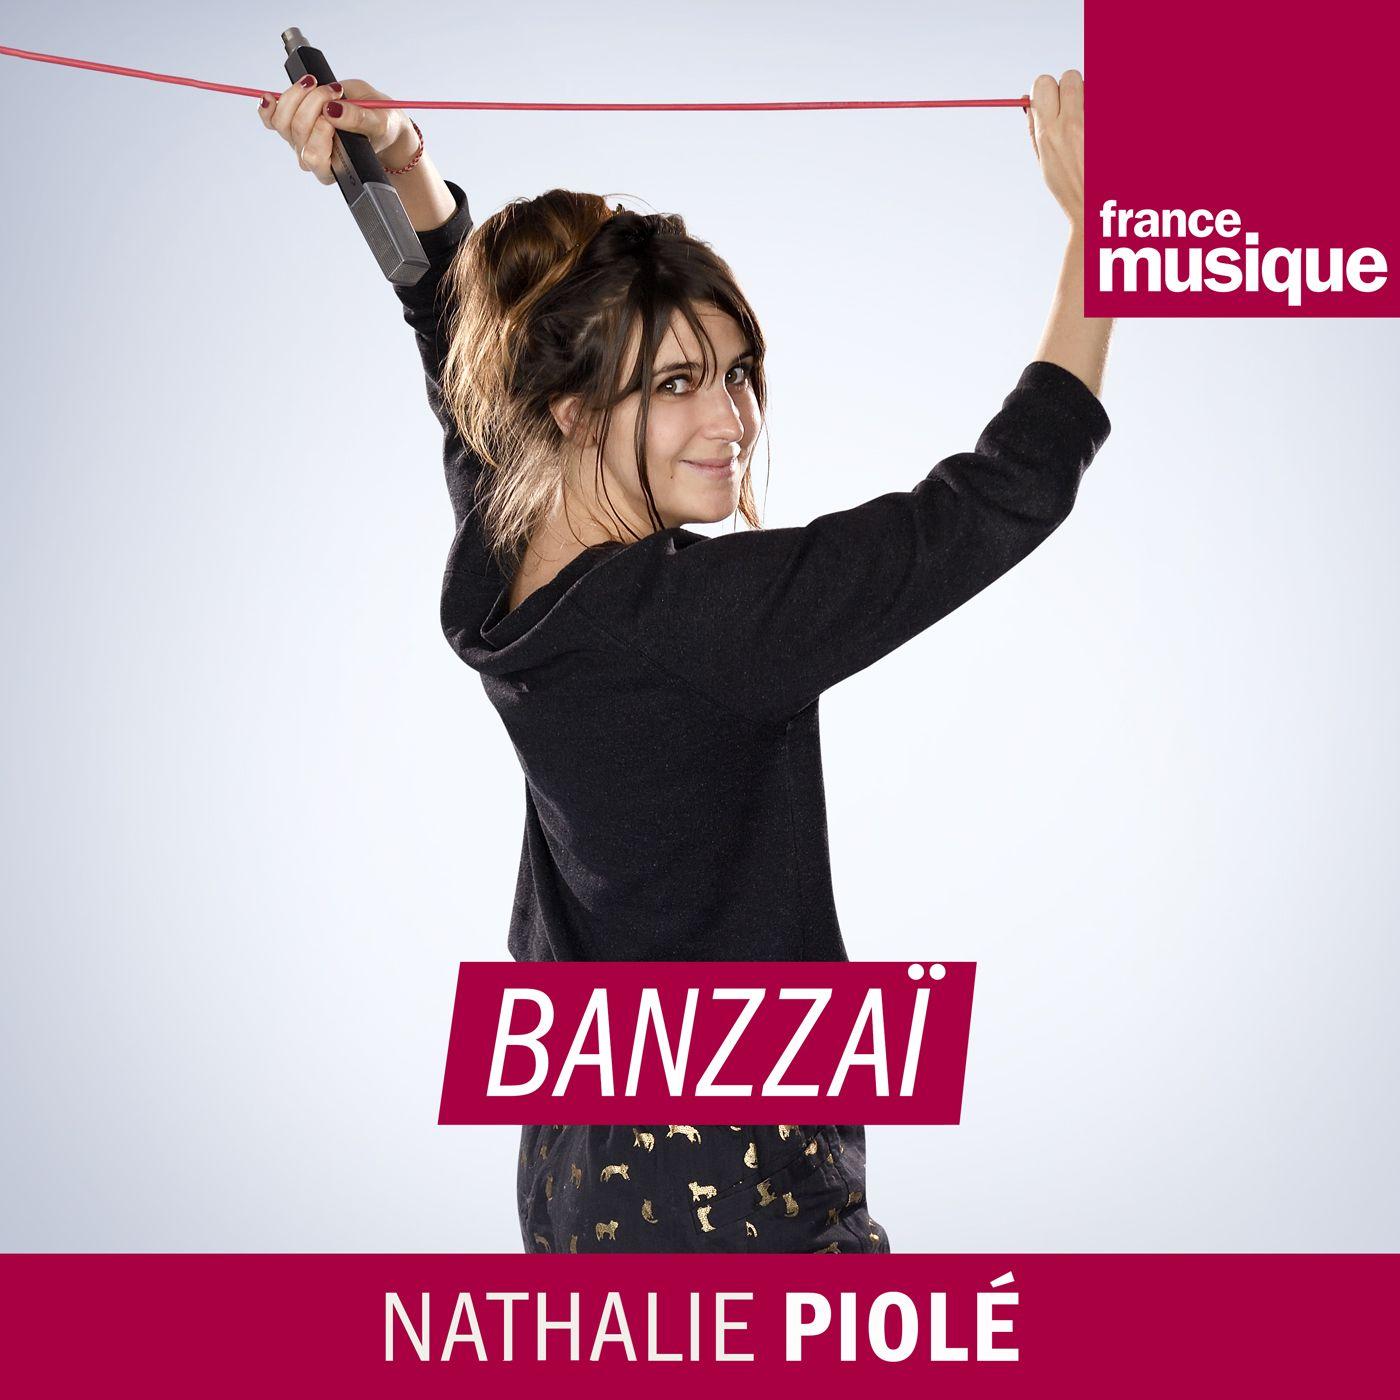 Image 1: Banzzai